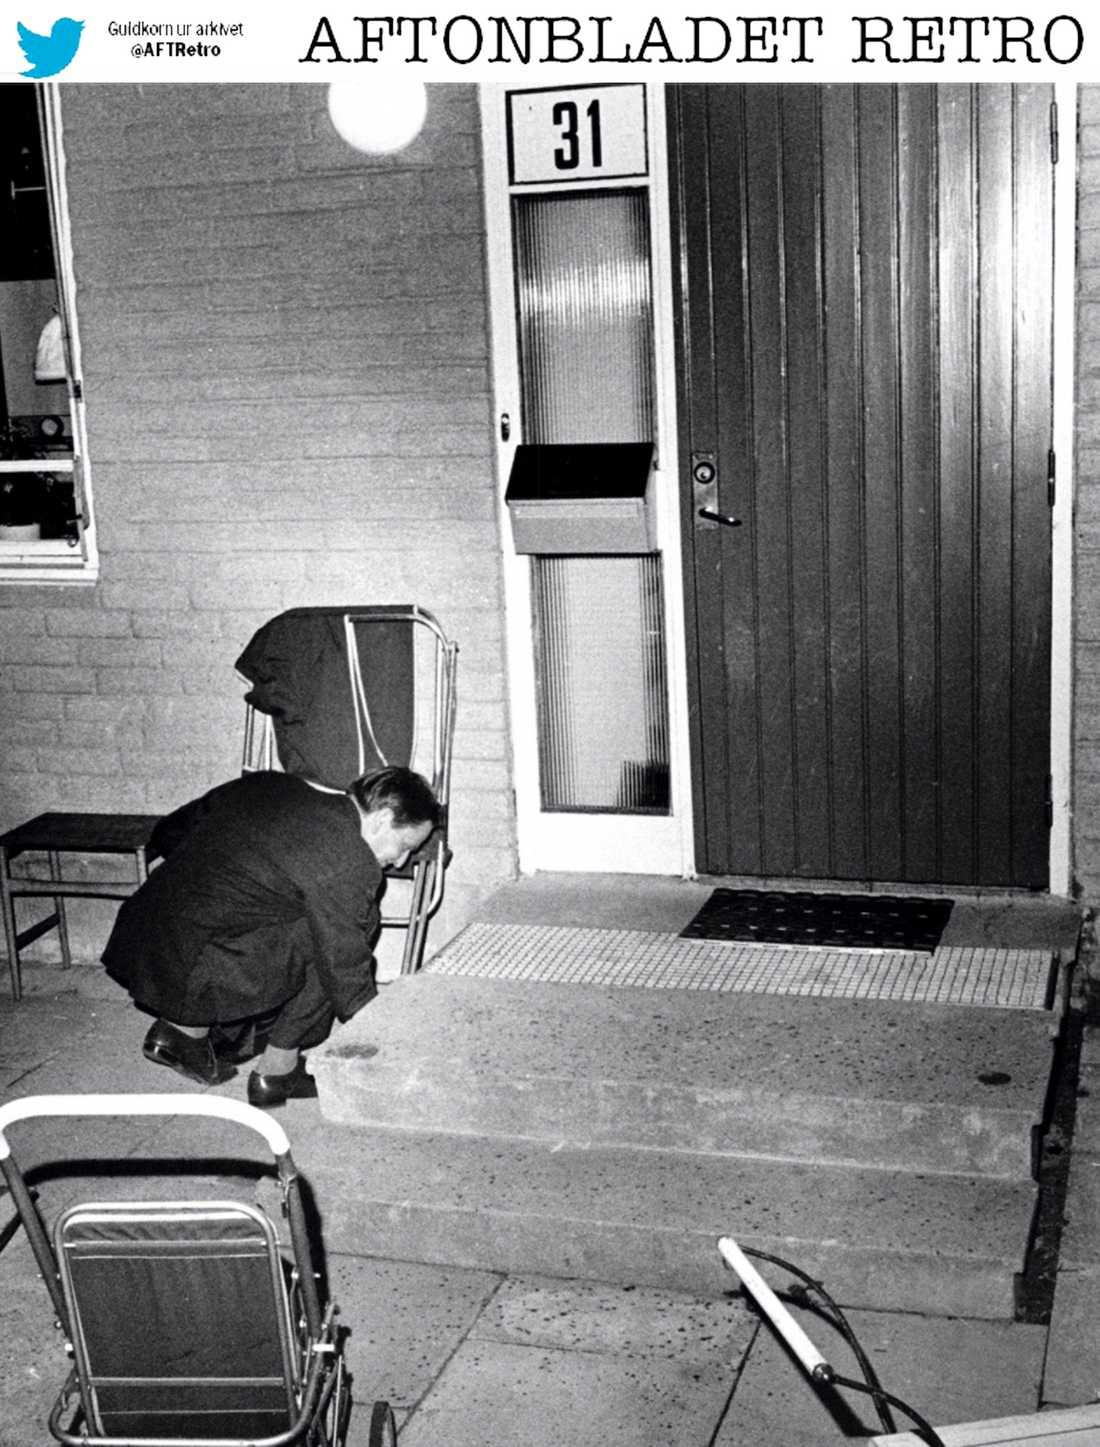 På 1970-talet såg säkerheten lite annorlunda ut för våra toppolitiker. Efter valsegern 1970 grävde statsminister Olof Palme fram husnyckeln under farstubron där Lisbet lagt den.